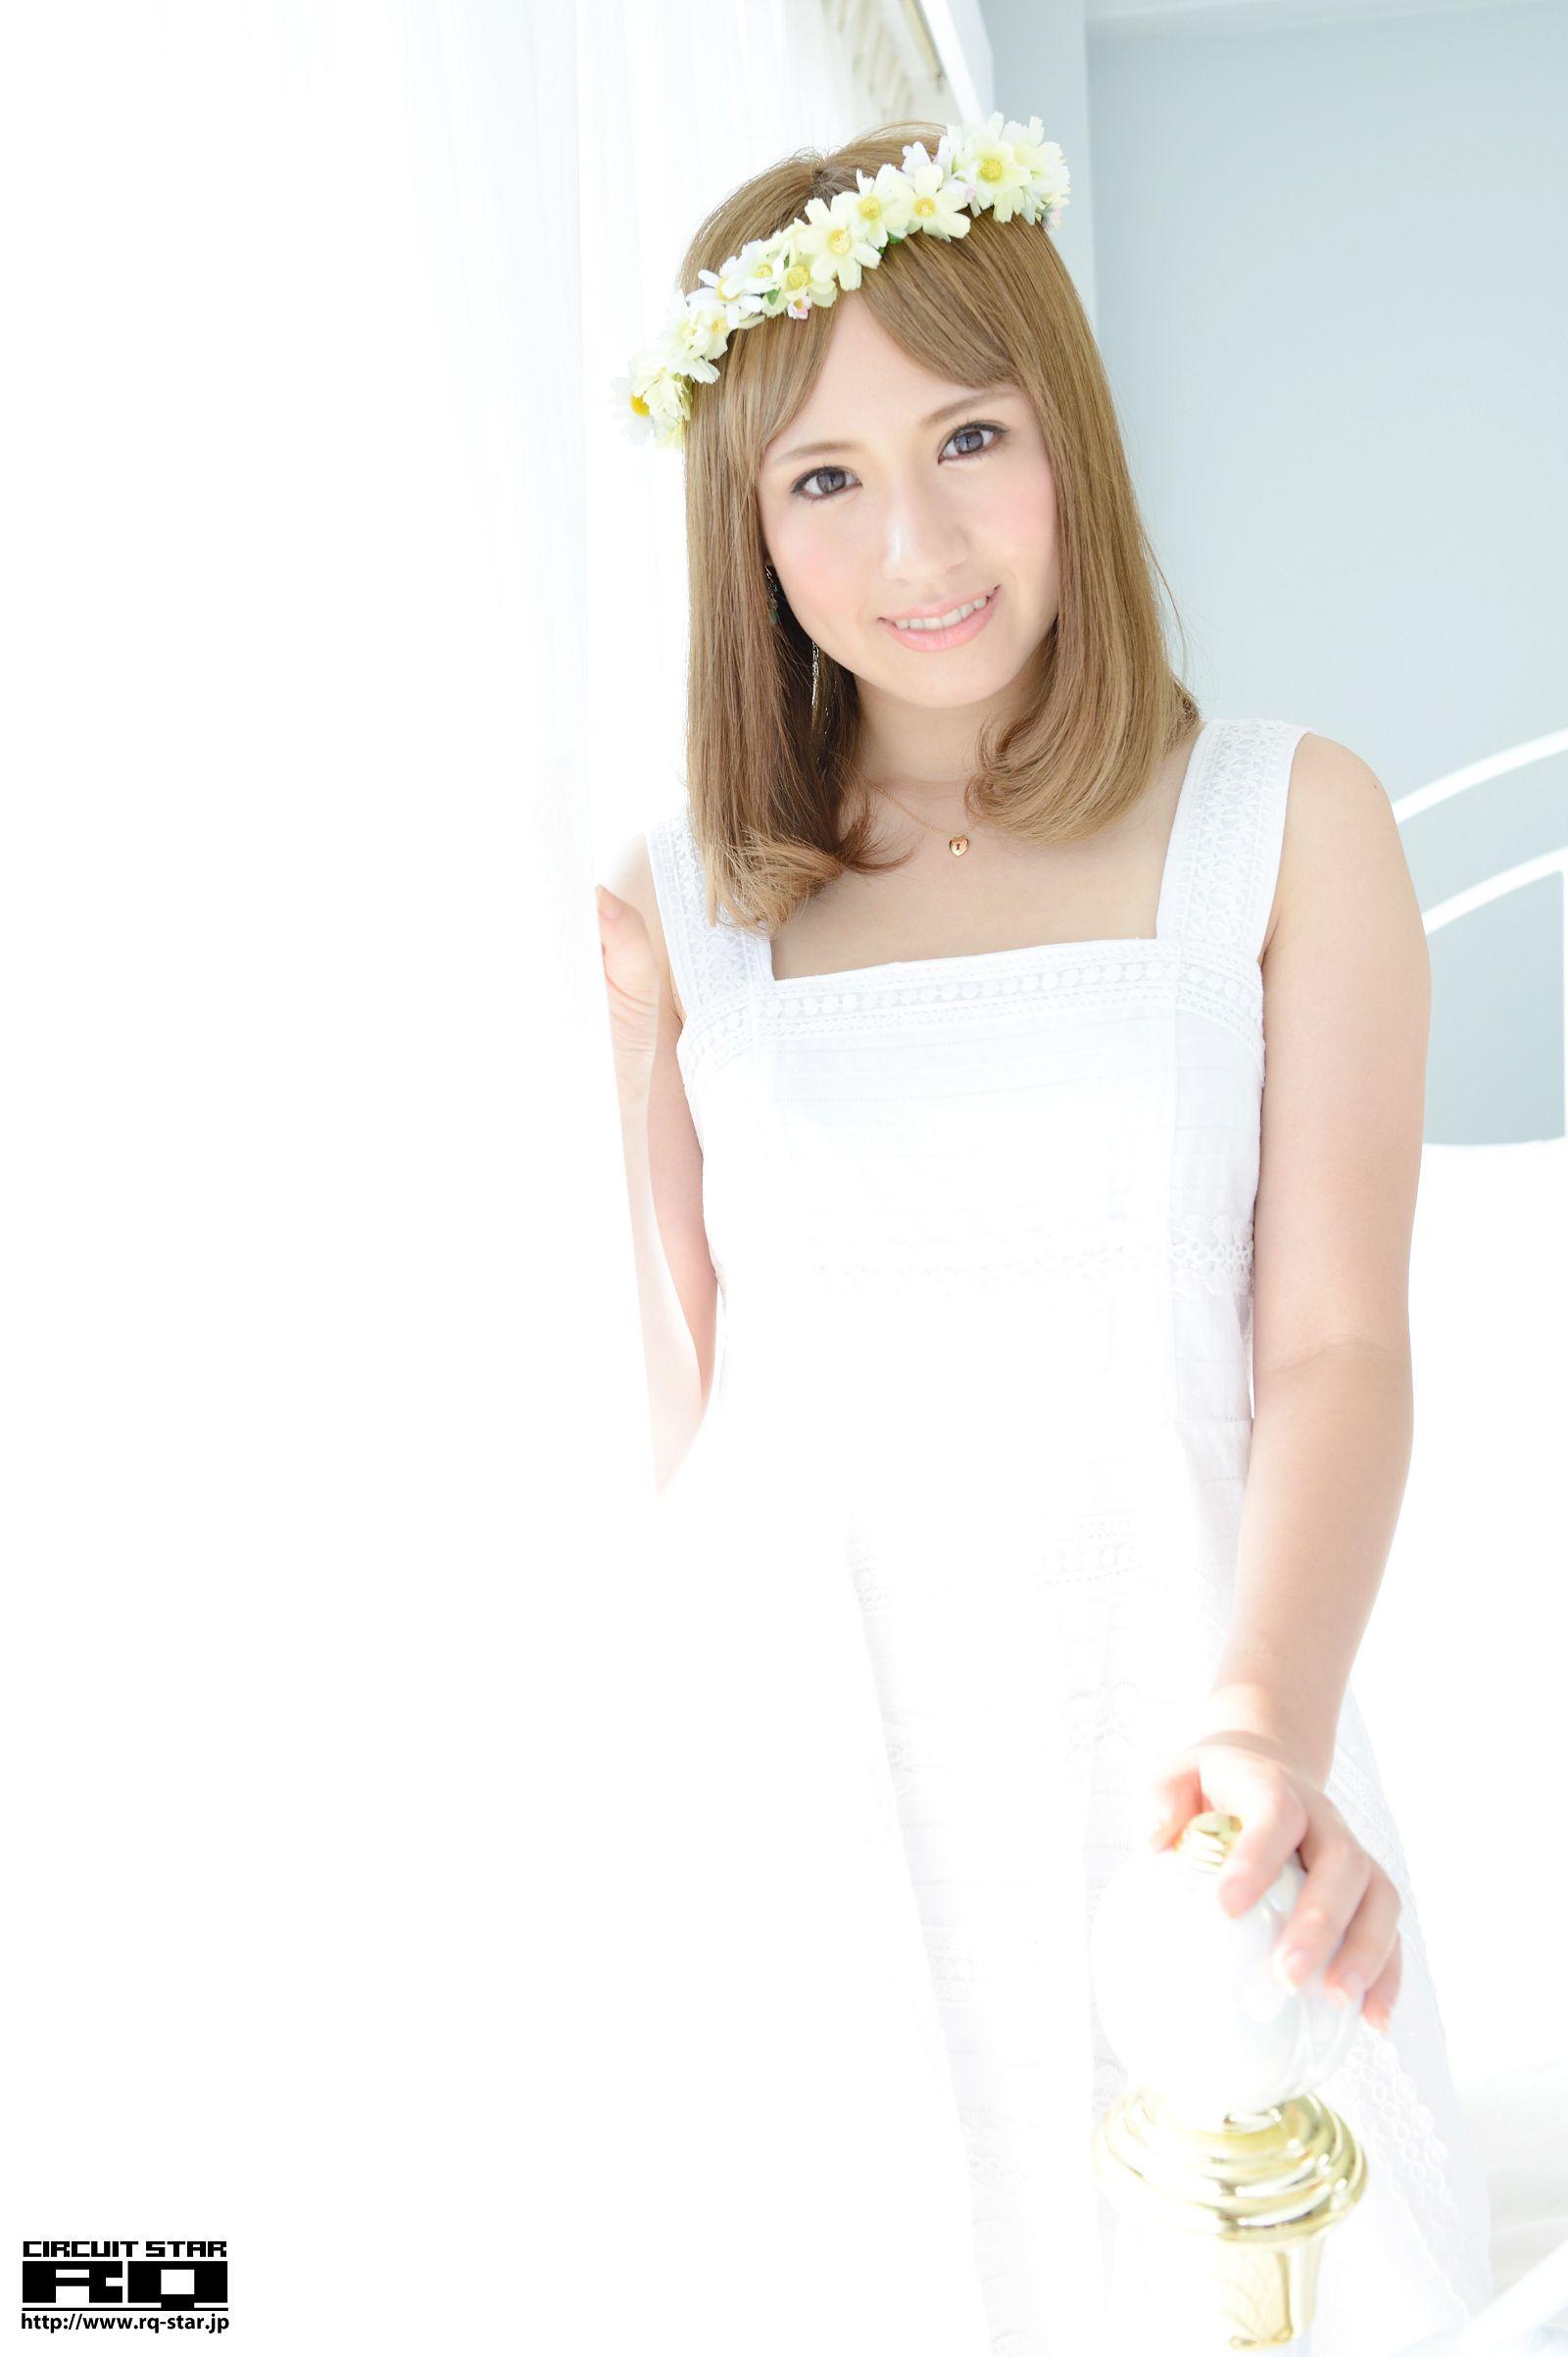 [RQ STAR美女] NO.00934 Nozomi Misaki 心咲のぞみ Room Wear[58P] RQ STAR 第1张